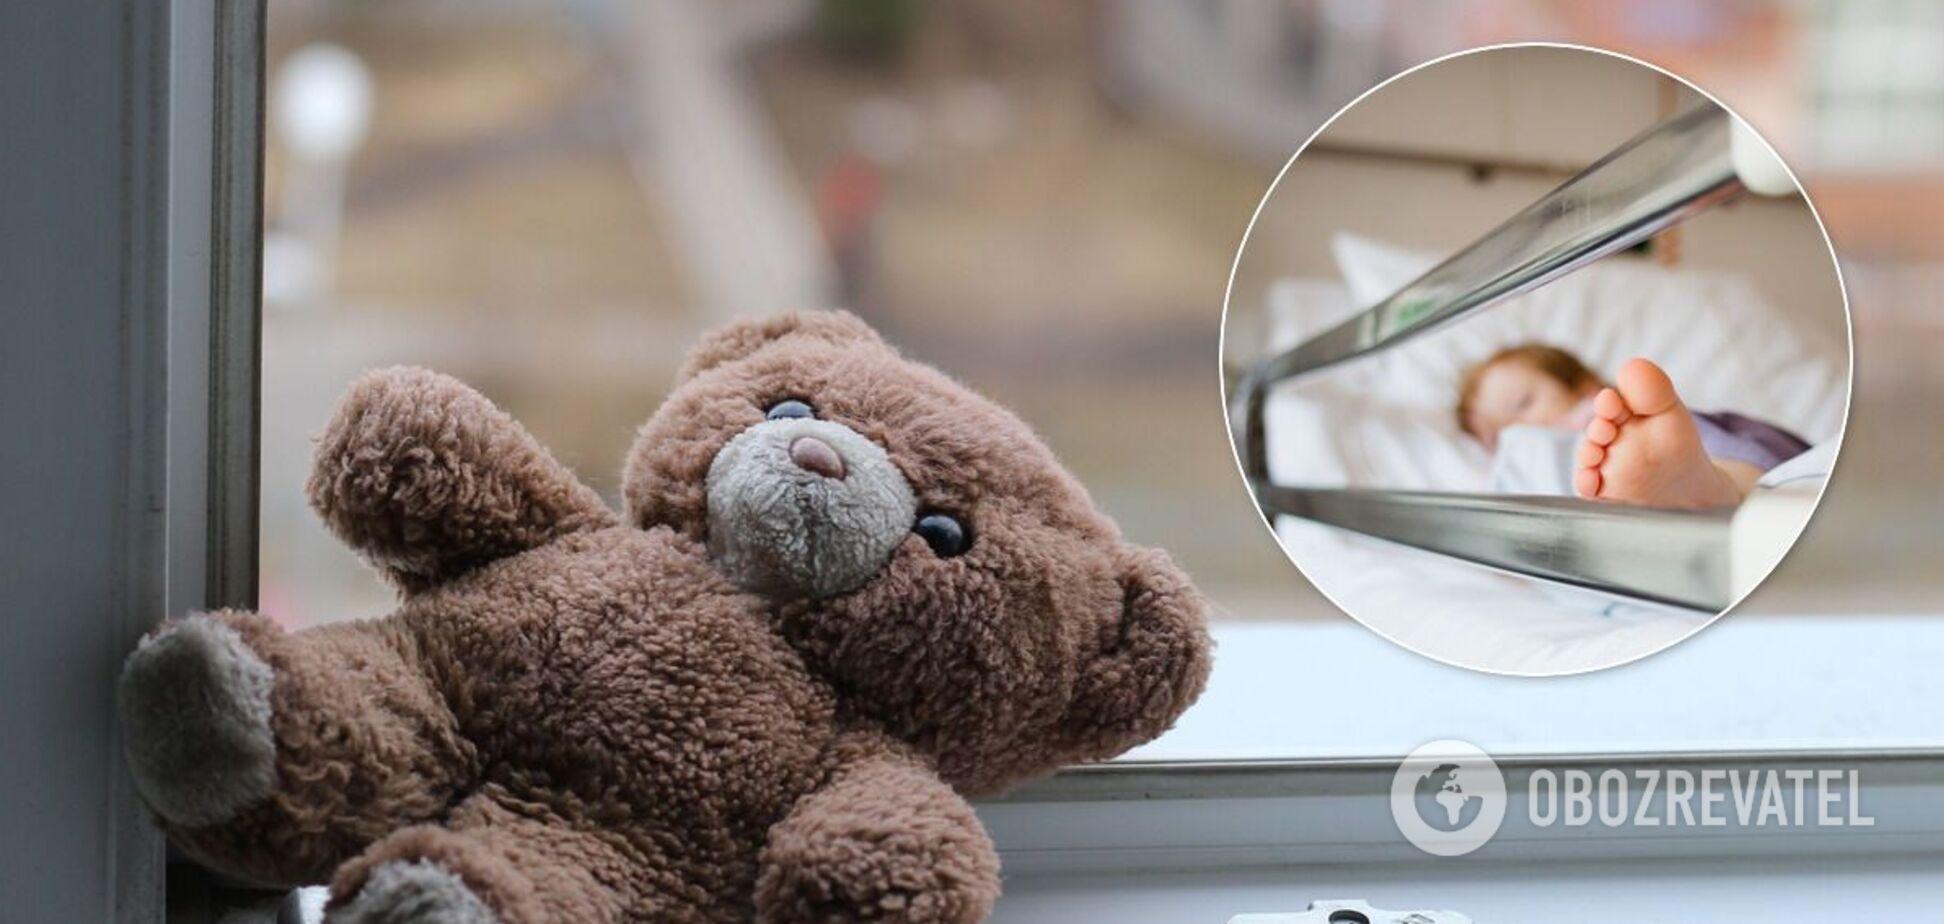 На Дніпропетровщині 4-річна дівчинка випала з вікна багатоповерхівки